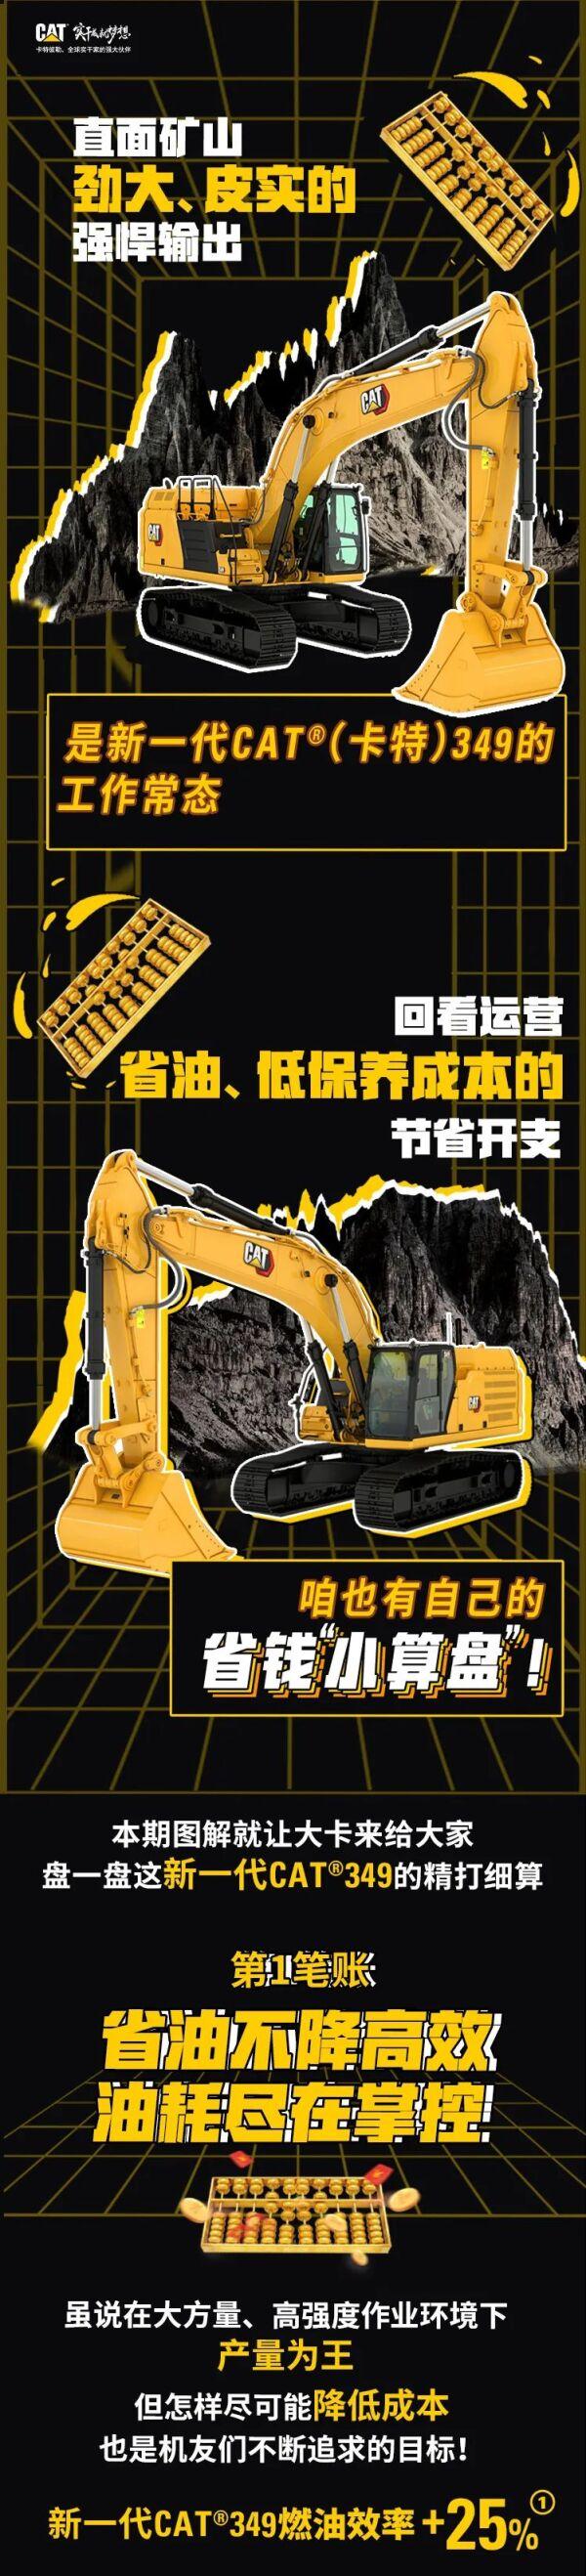 干貨圖解(下)新一代CAT?(卡特)349挖掘機強悍實力背后的省錢小算盤!